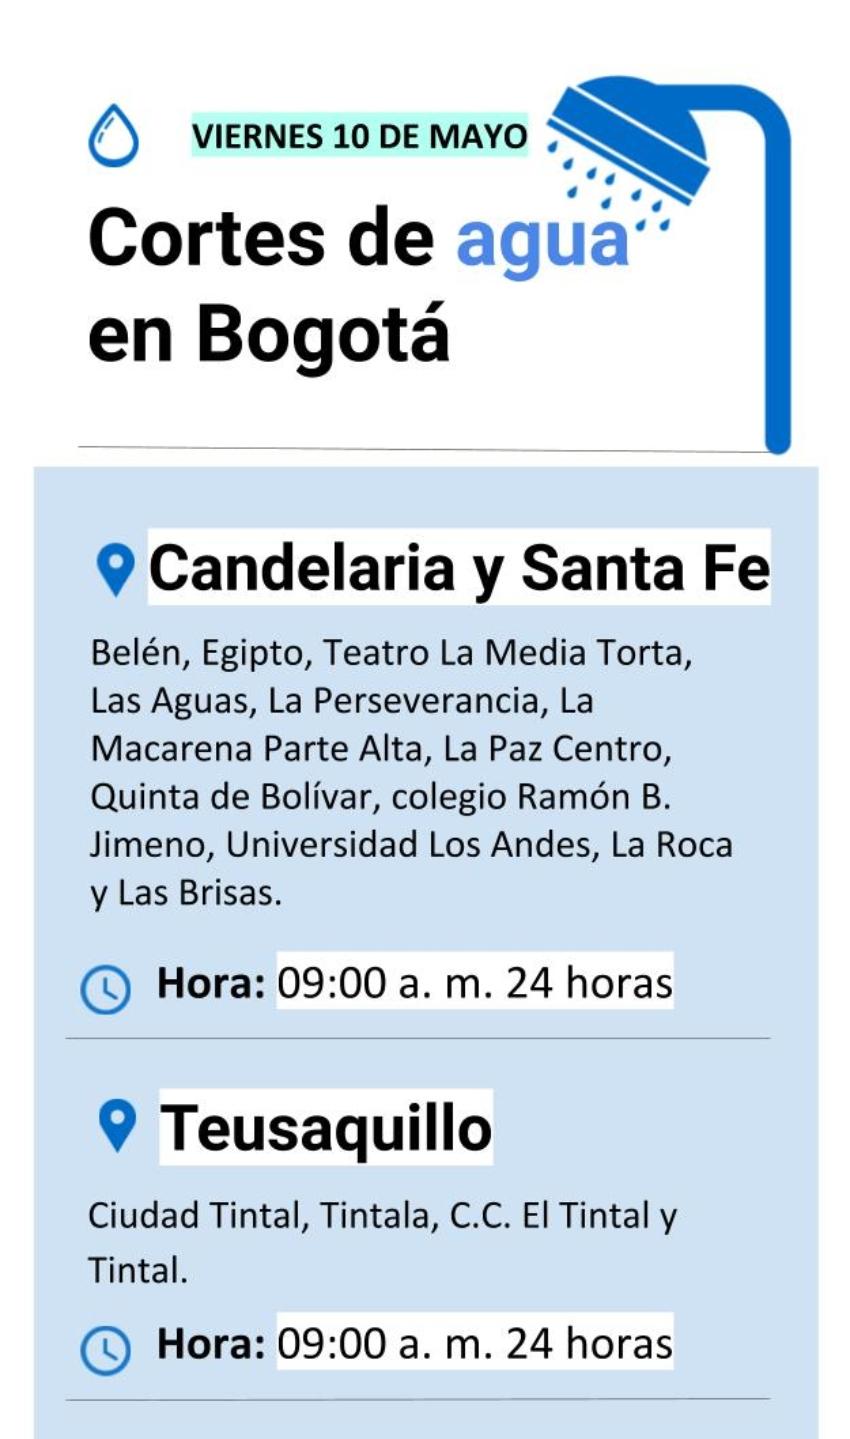 Cortes de agua en Bogotá viernes 10 de mayo